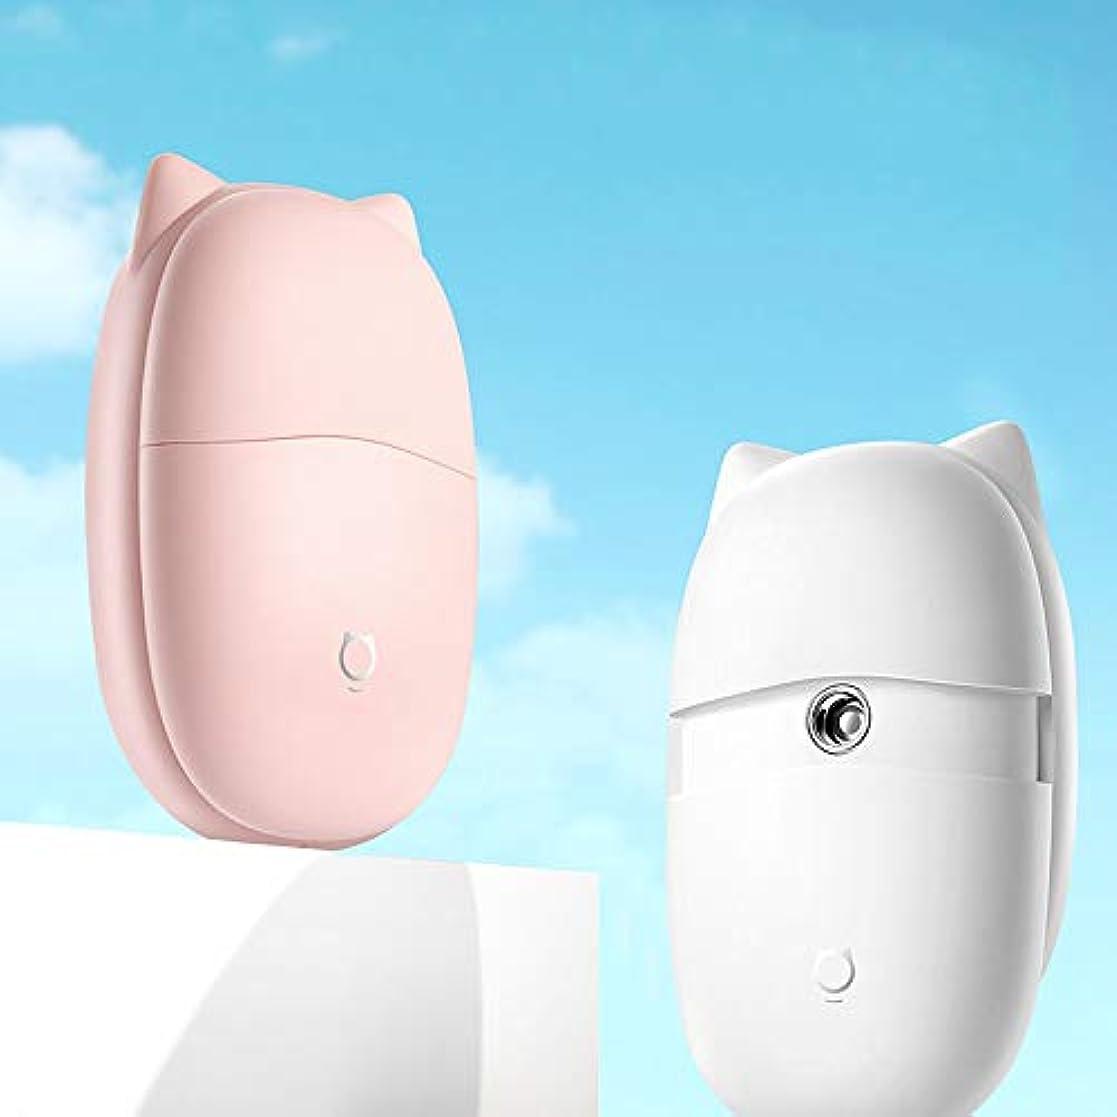 リットルディンカルビル目を覚ますZXF 新しいミニハンドヘルドポータブルナノスプレースチームフェイスフェイシャル美容加湿器スプレーウサギ猫水道メーター美容機器ホワイトピンク 滑らかである (色 : Pink)